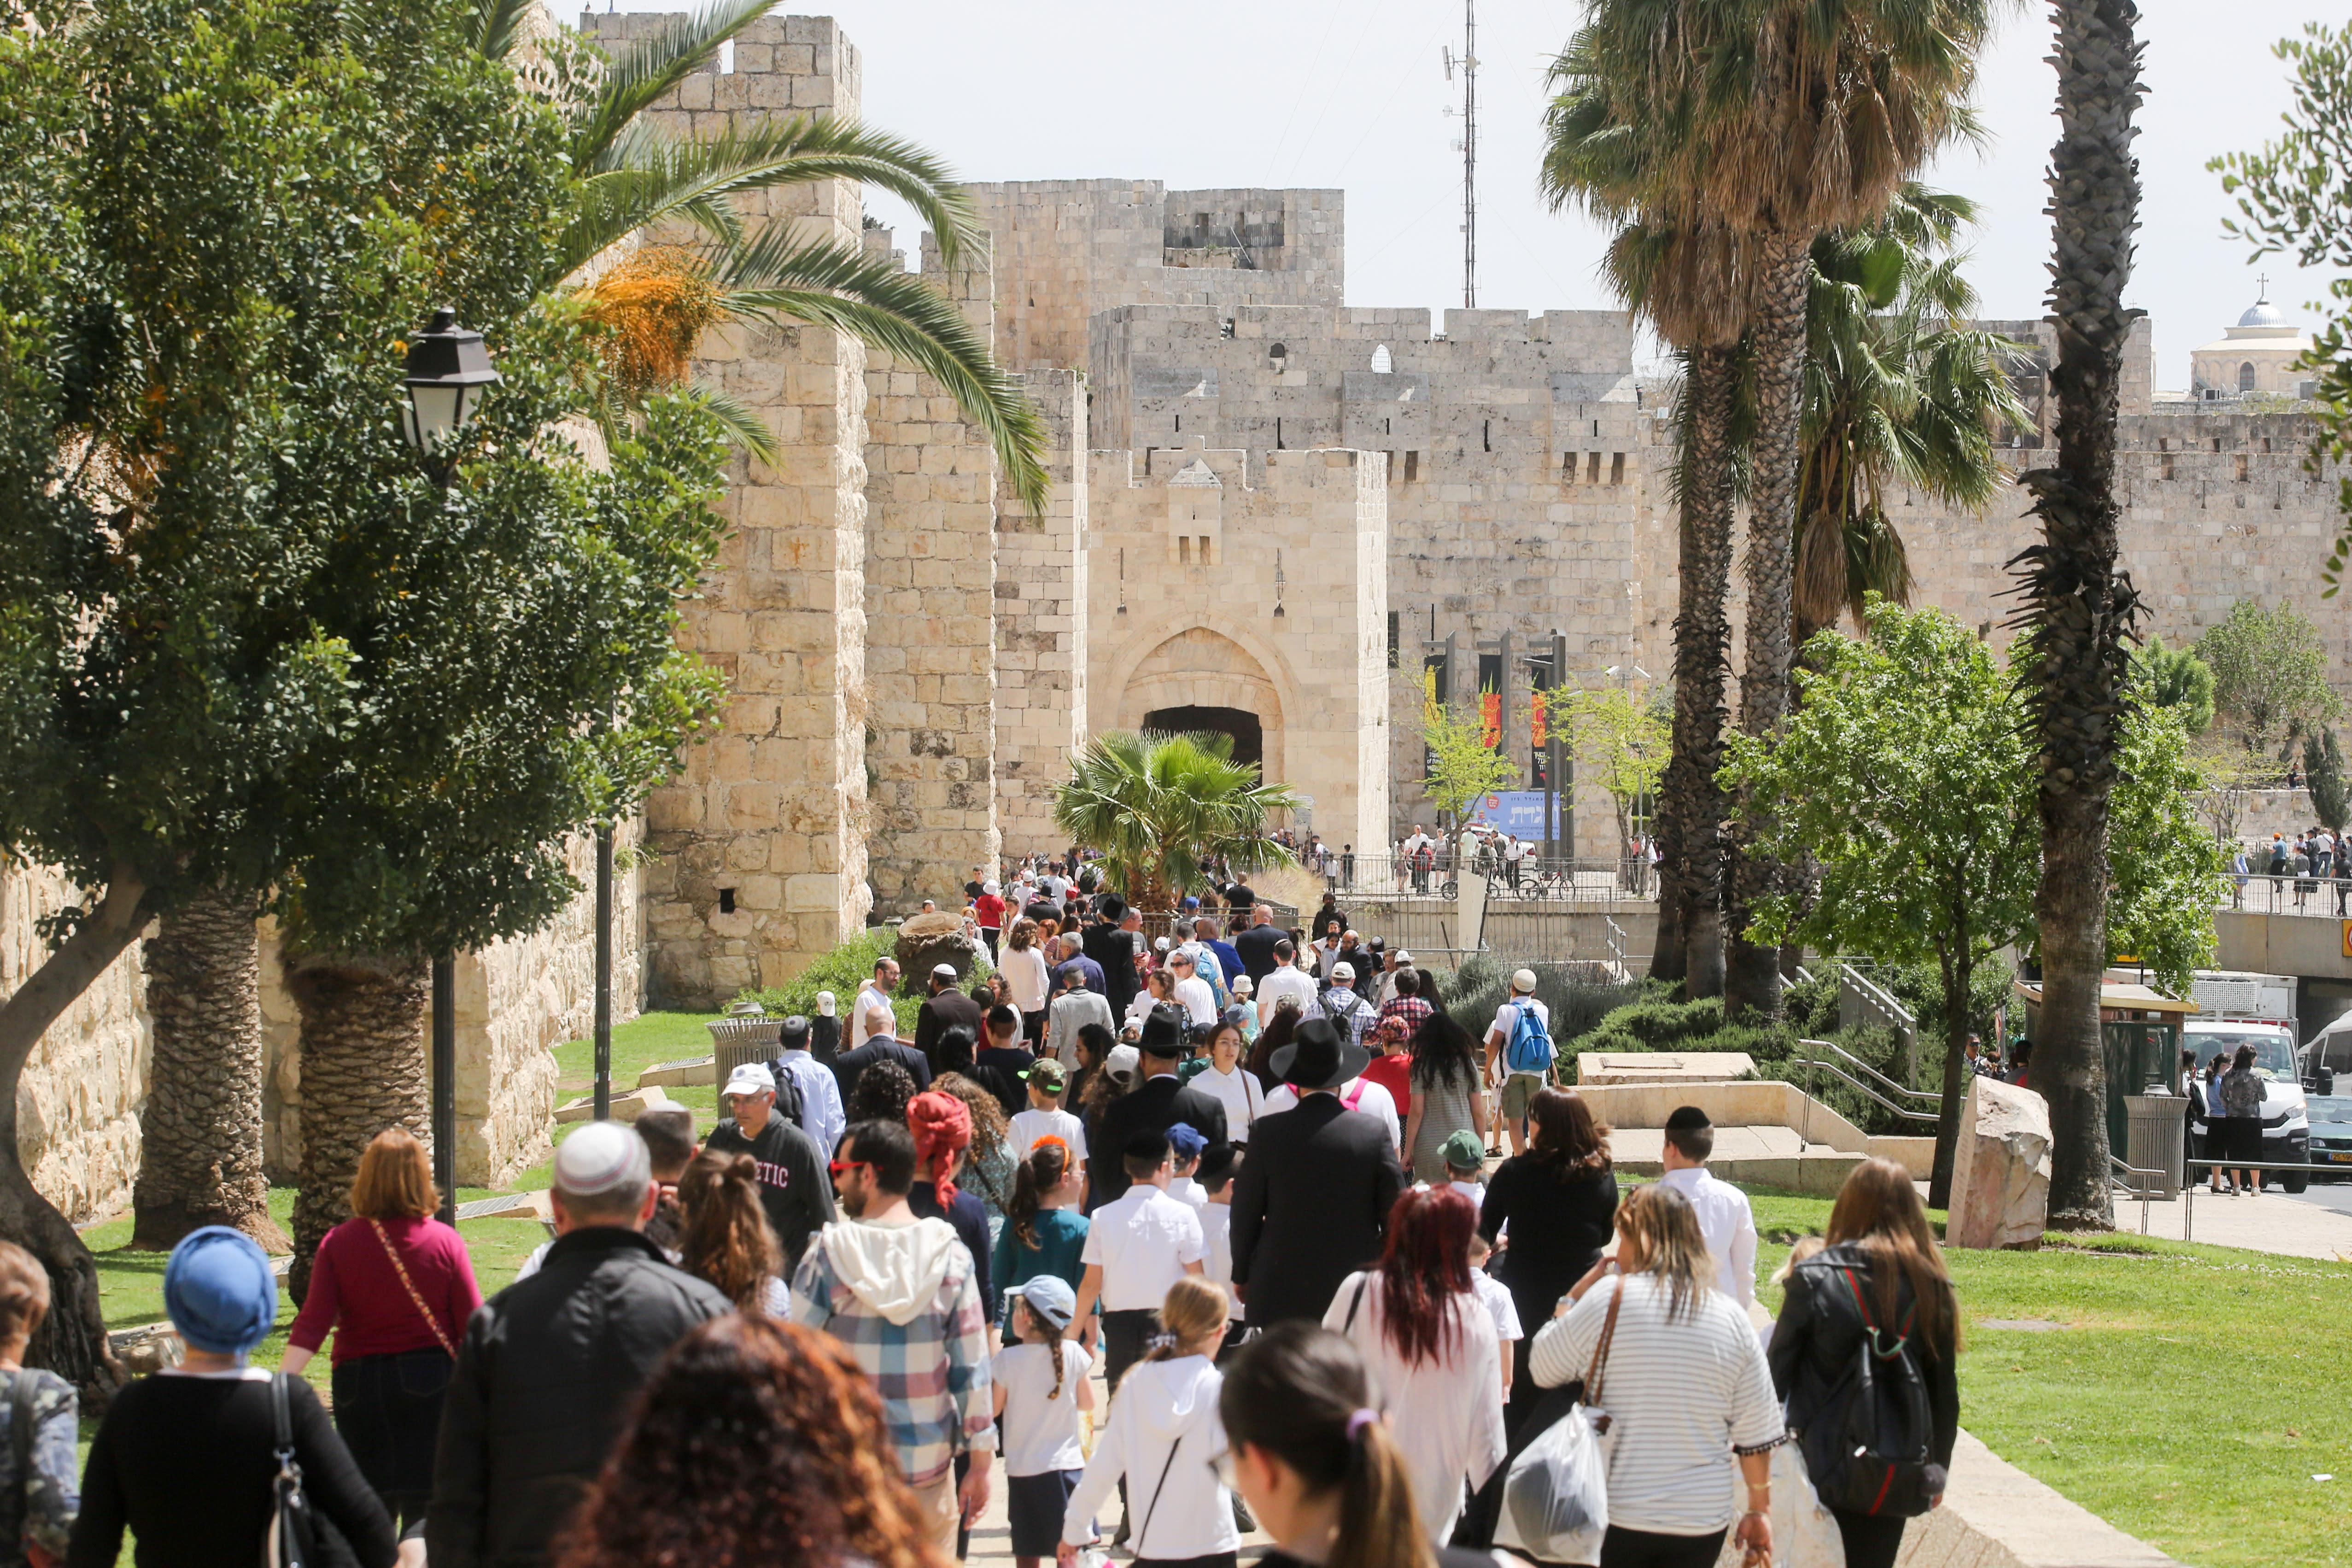 Tourists entering Jaffa gate in Jerusalem (MARC ISRAEL SELLEM/THE JERUSALEM POST)